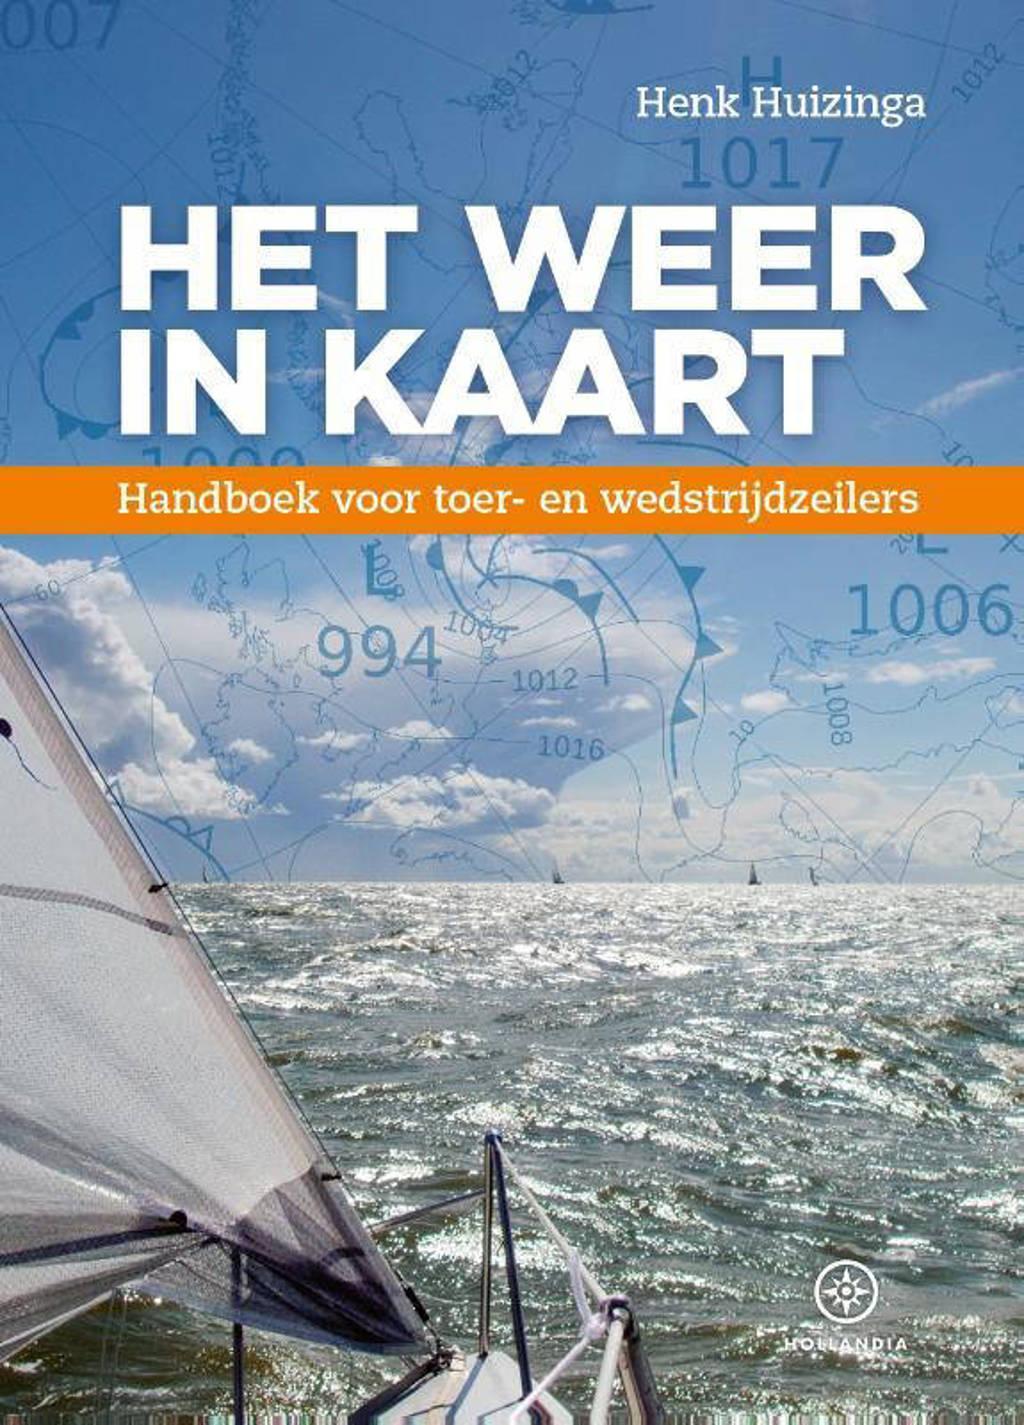 Het weer in kaart - Henk Huizinga